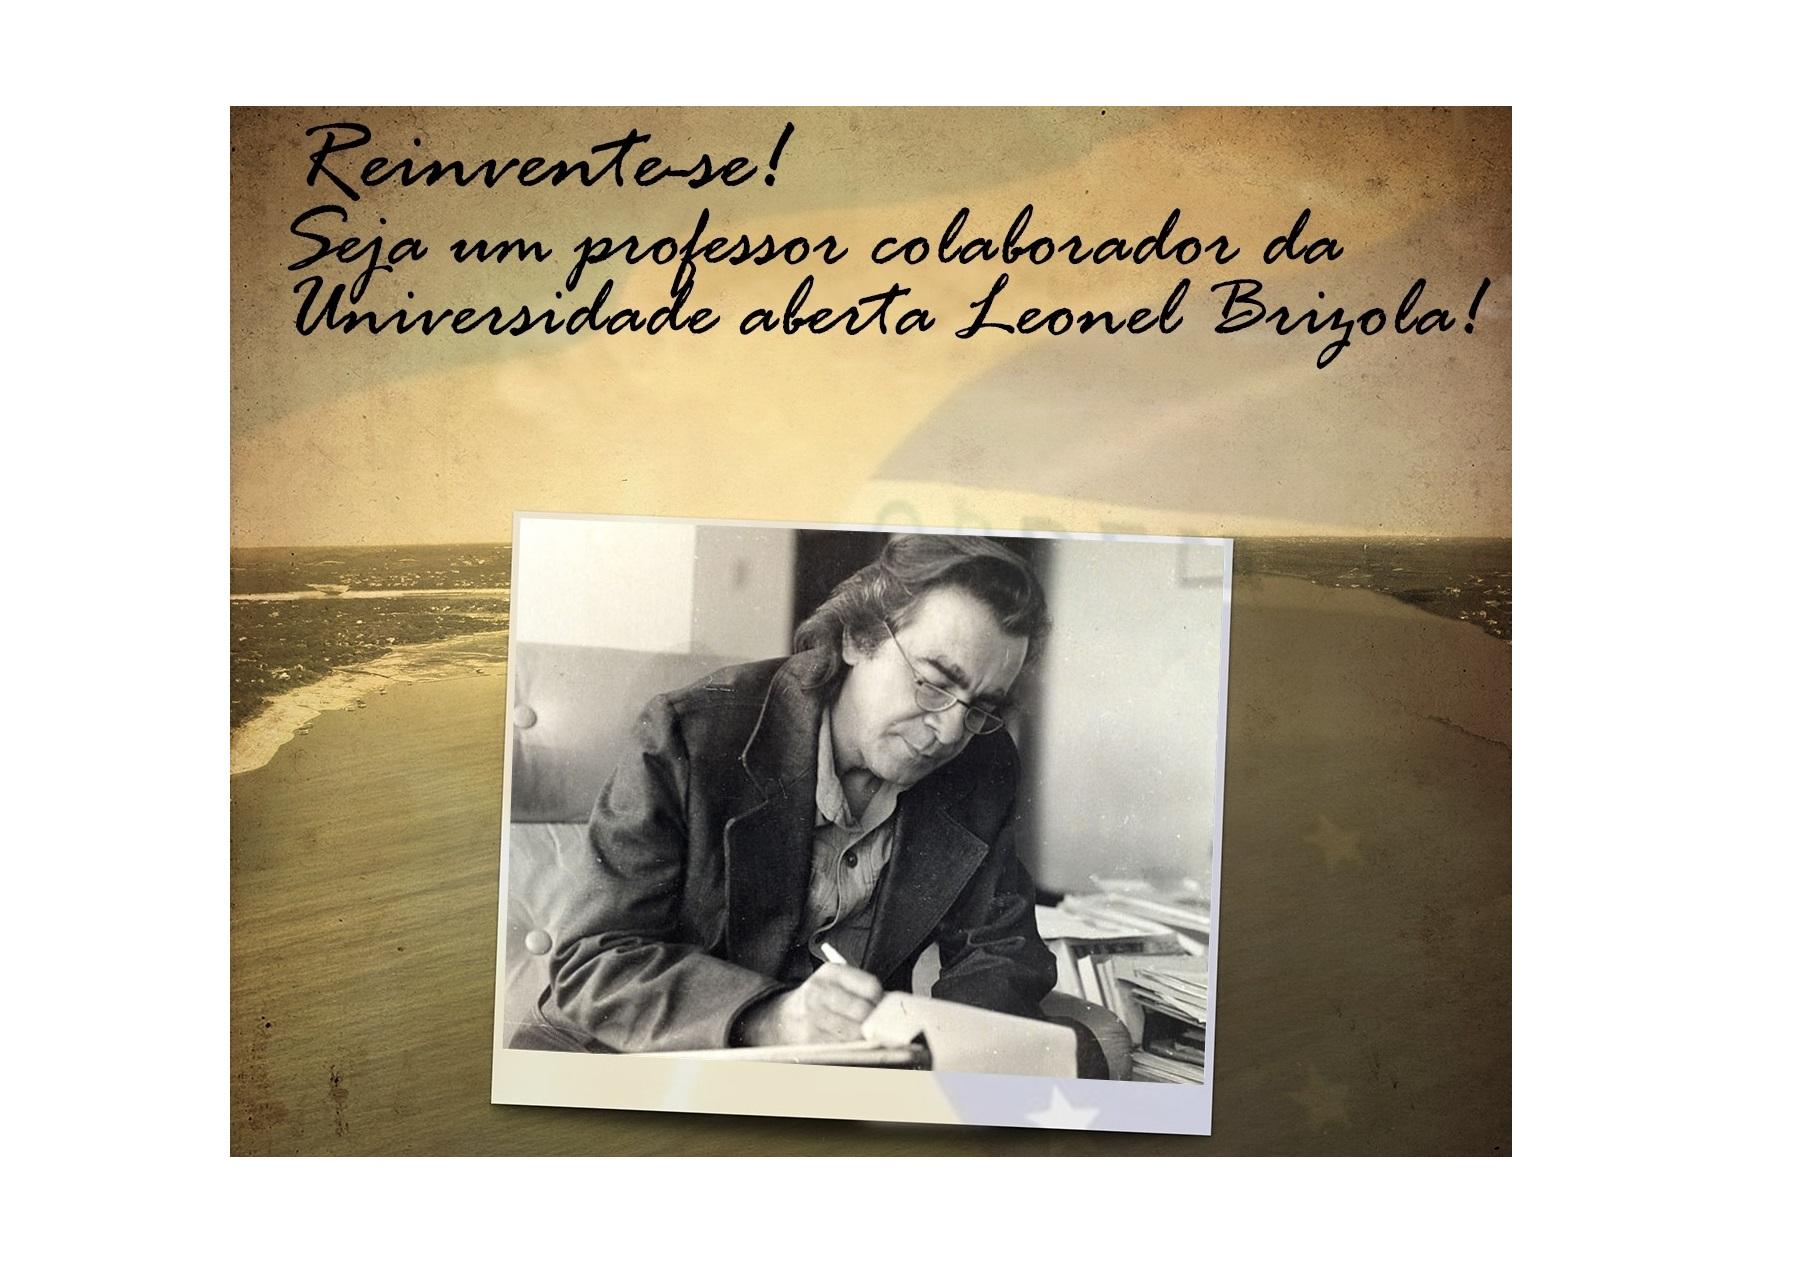 Course Image PROFESSOR COLABORADOR